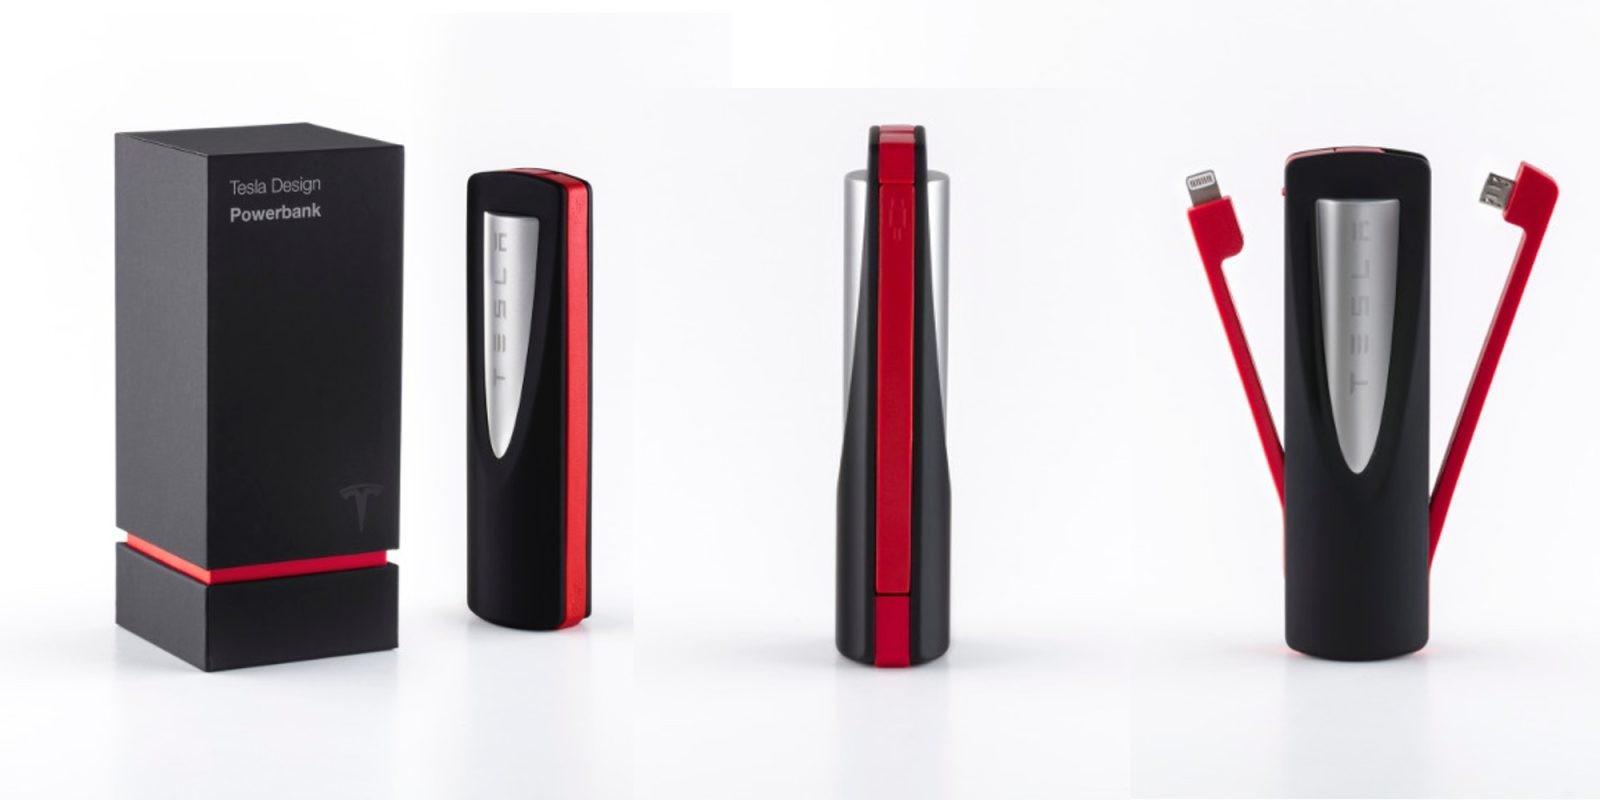 Tesla выпустила аккумулятор Powerbank для мобильных устройств